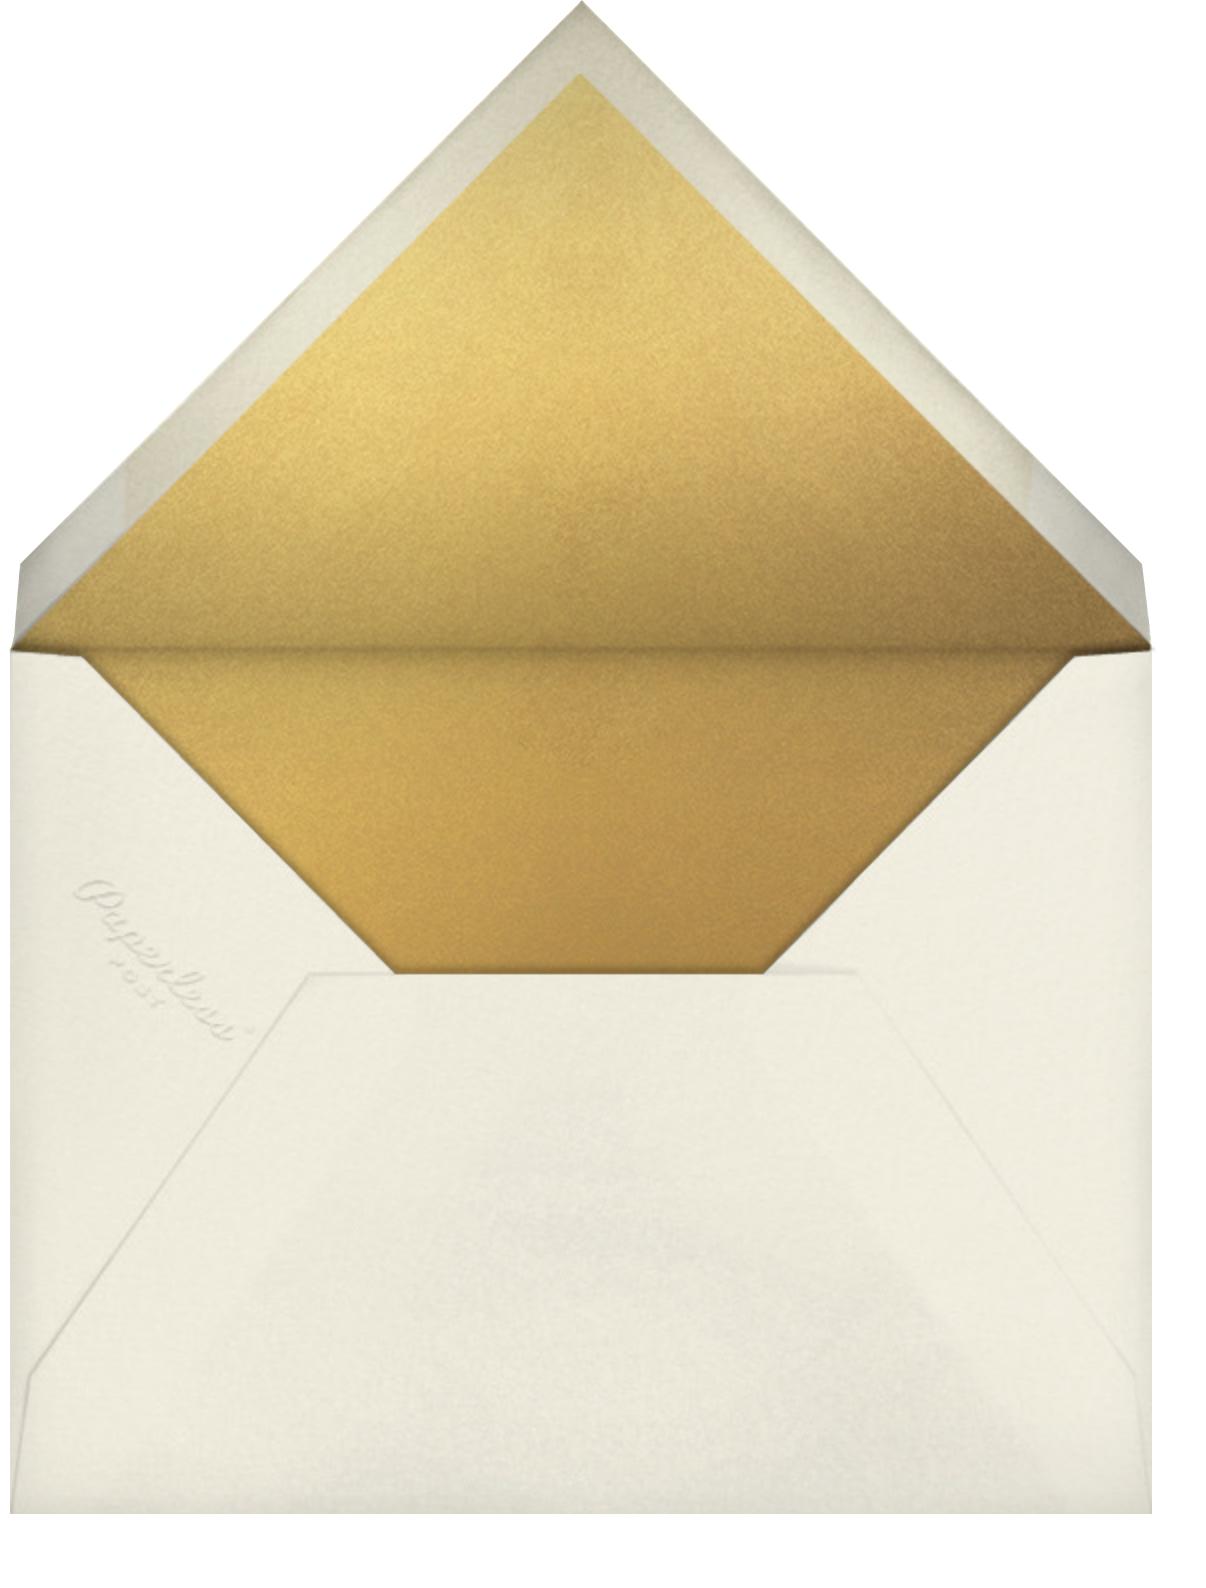 Silk Road - Geranium/Gold - Crane & Co. - Envelope